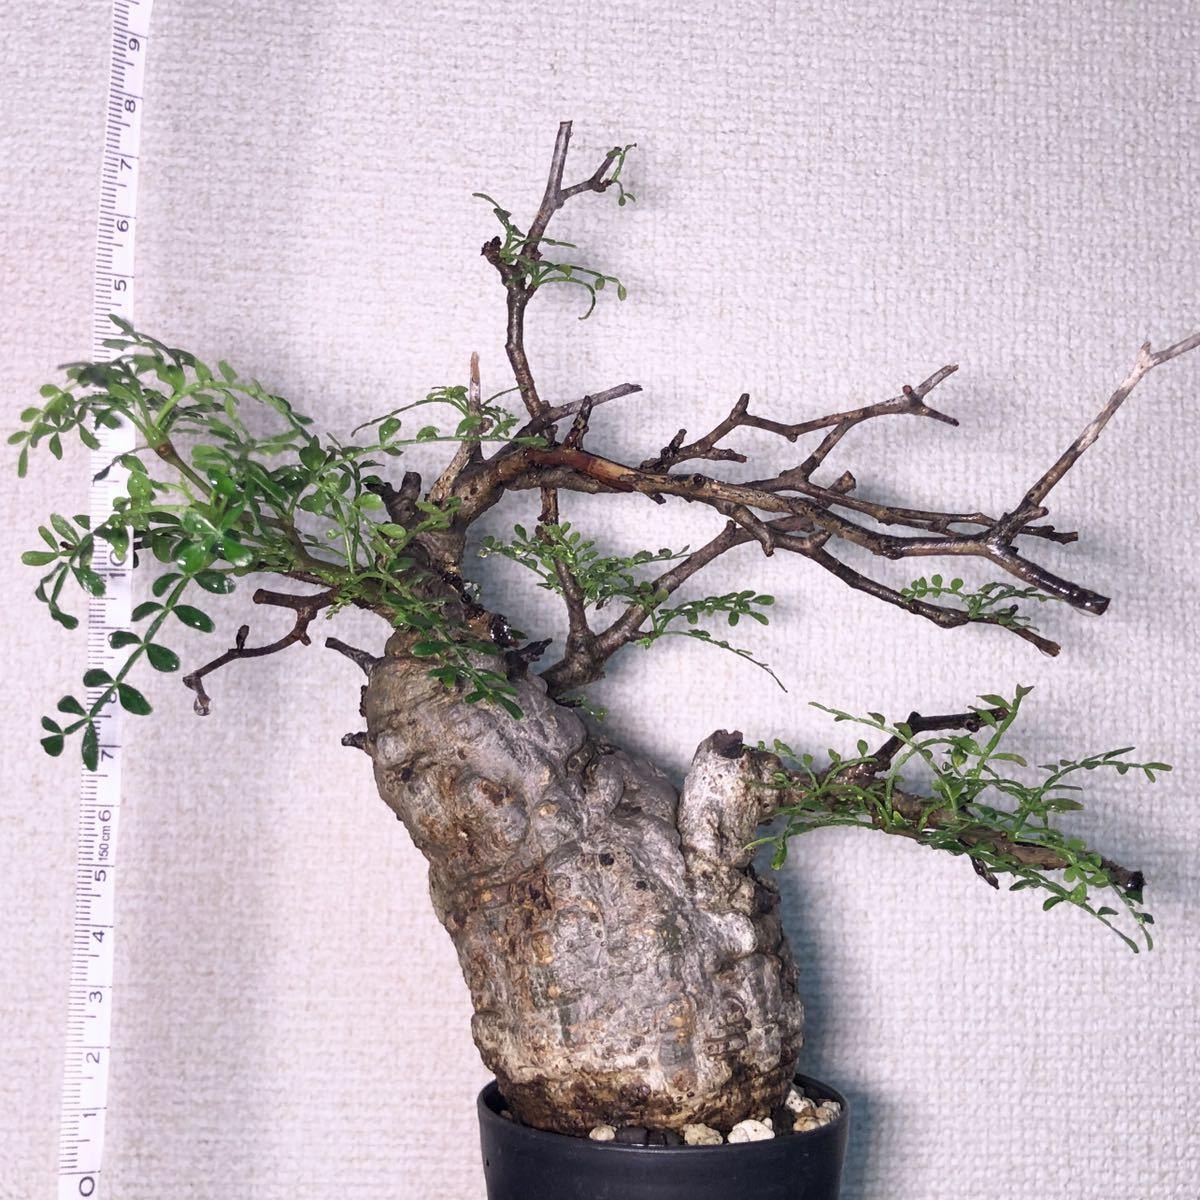 パキプス オペルクリカリア オペルクリカリアパキプス コーデックス 塊根植物 多肉植物_画像2